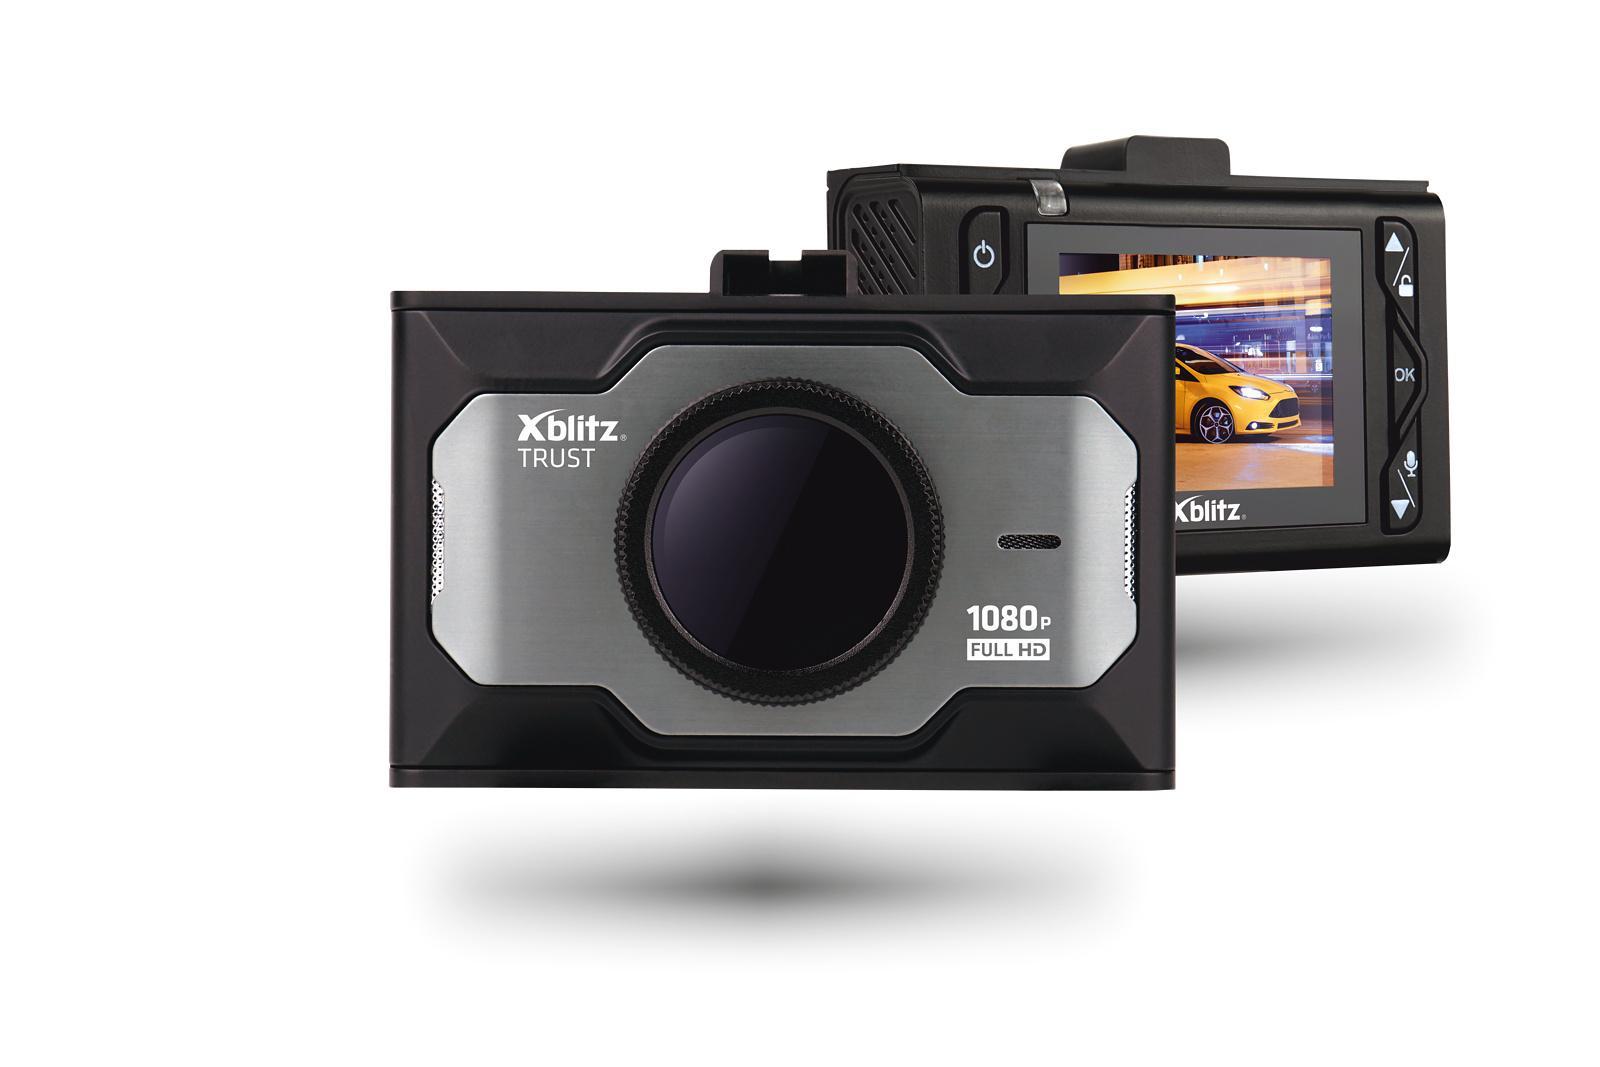 Caméra de bord TRUST XBLITZ TRUST originales de qualité